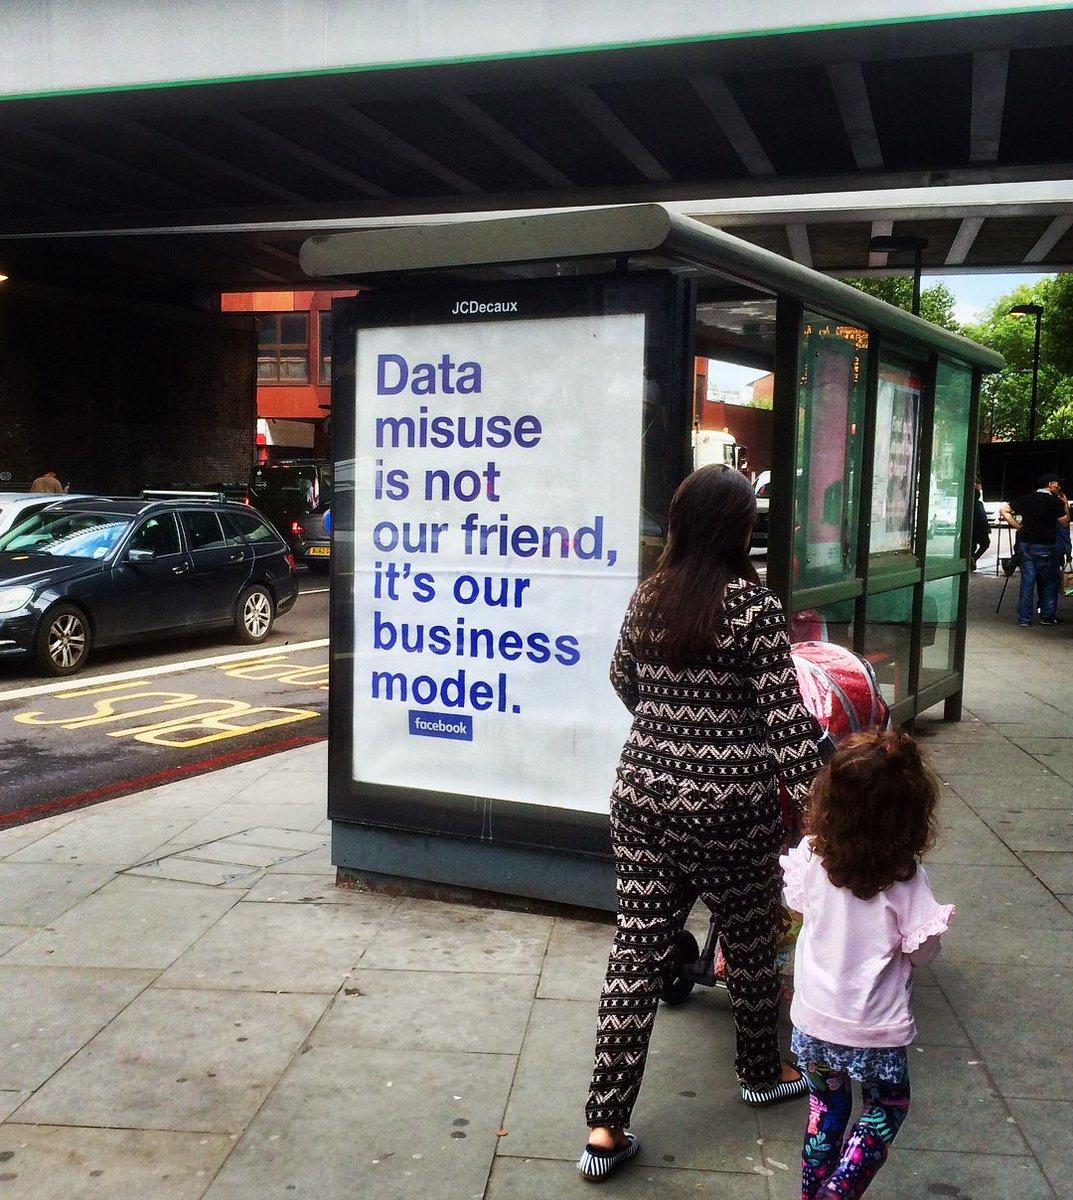 Someone improved Facebook&#39;s ads in London  https:// read.bi/2MiZeix  &nbsp;  <br>http://pic.twitter.com/ntd1A8gQjK